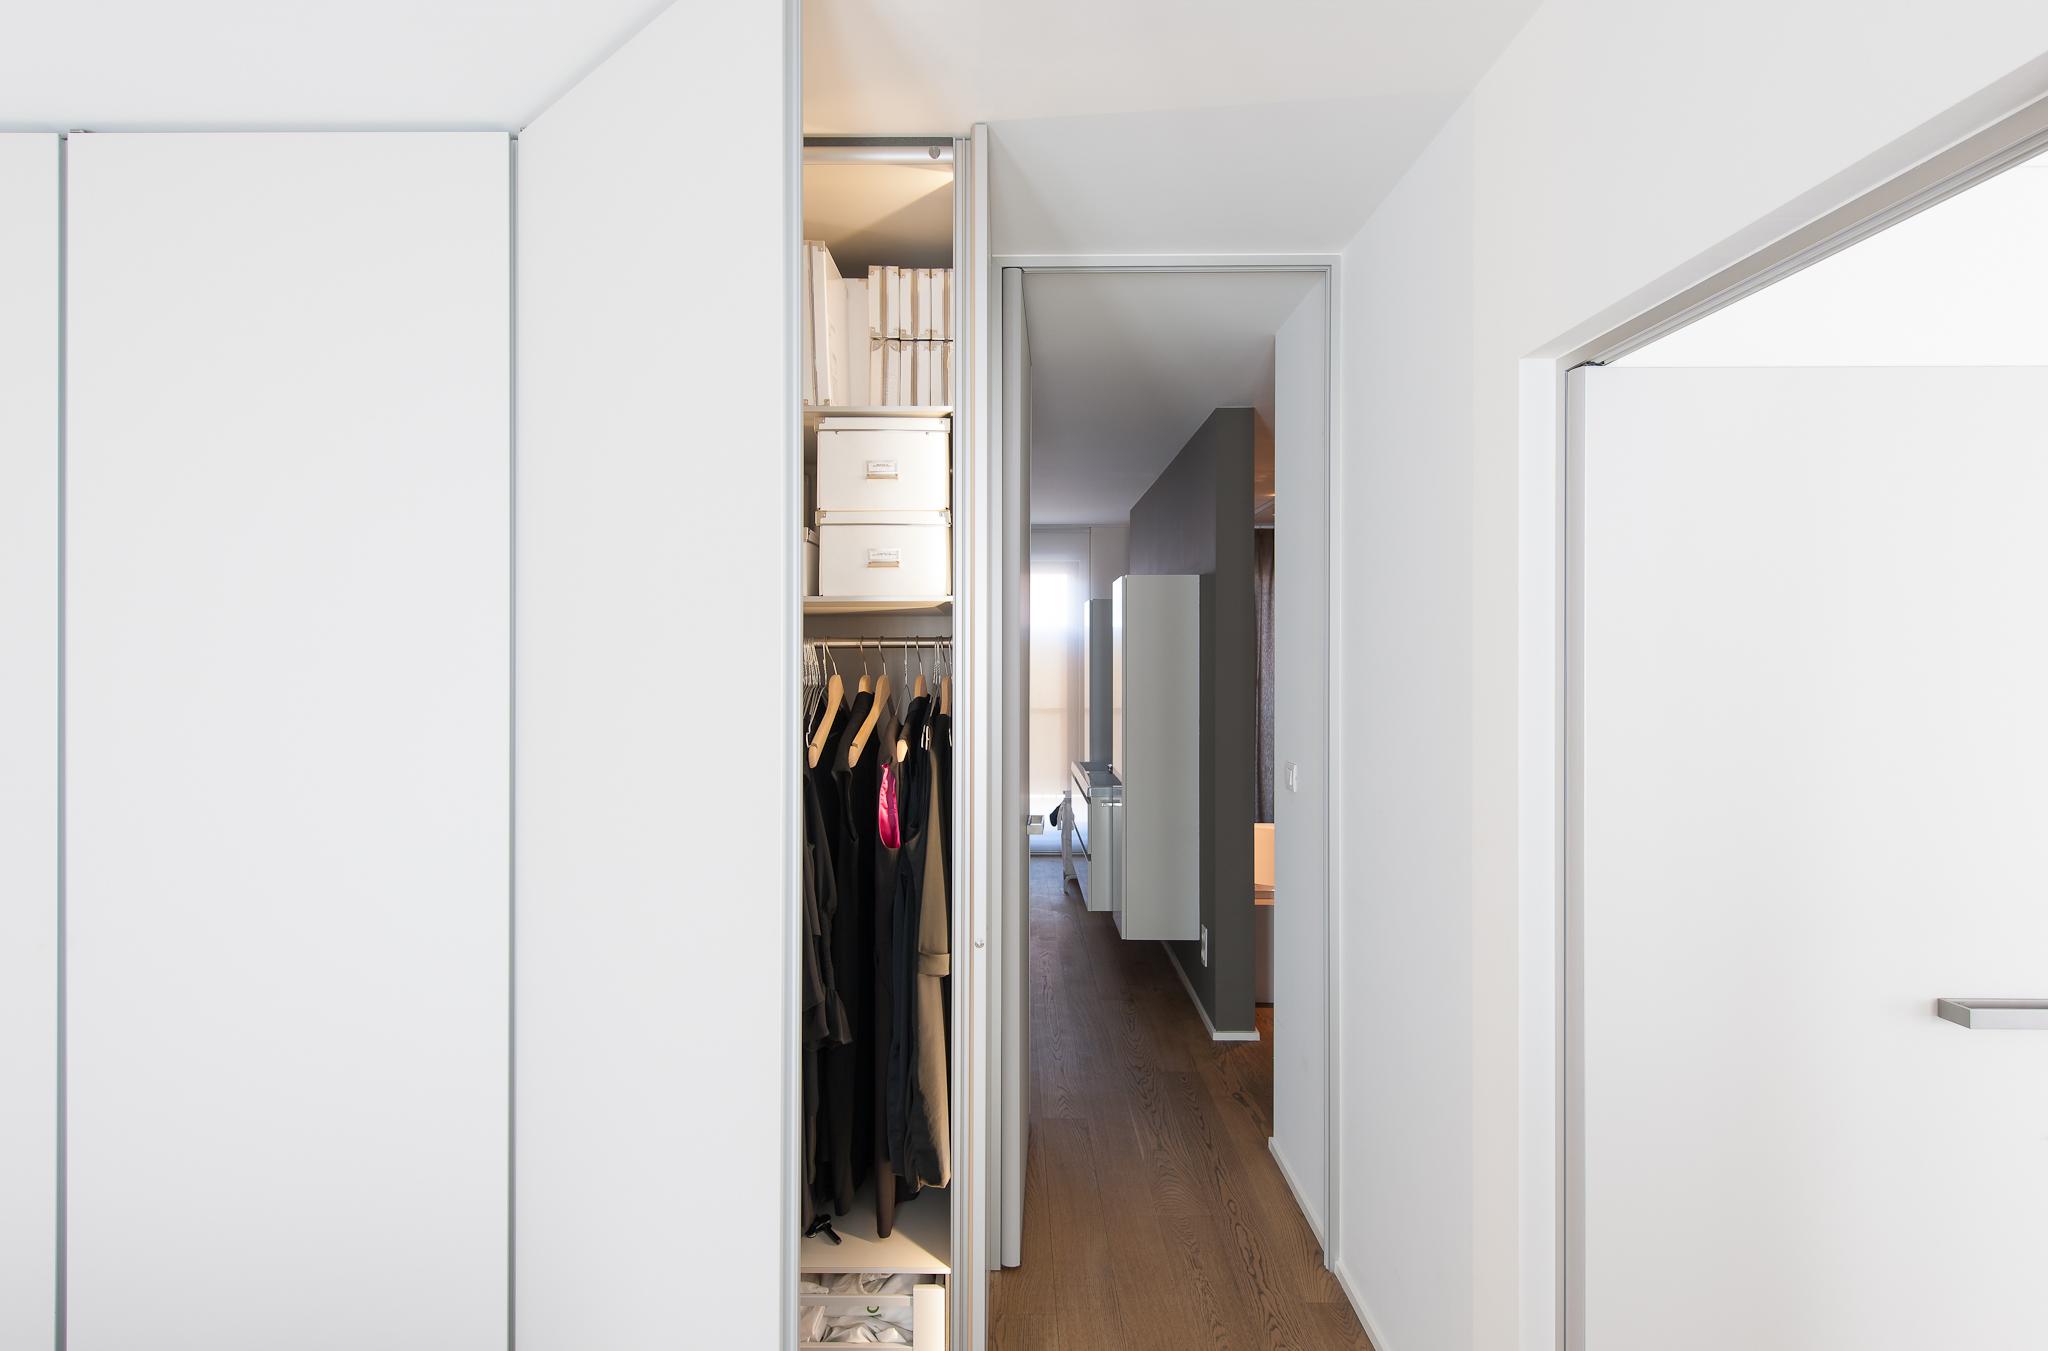 Slaapkamer Met Douche En Inloopkast : Slaapkamer met douche en ...